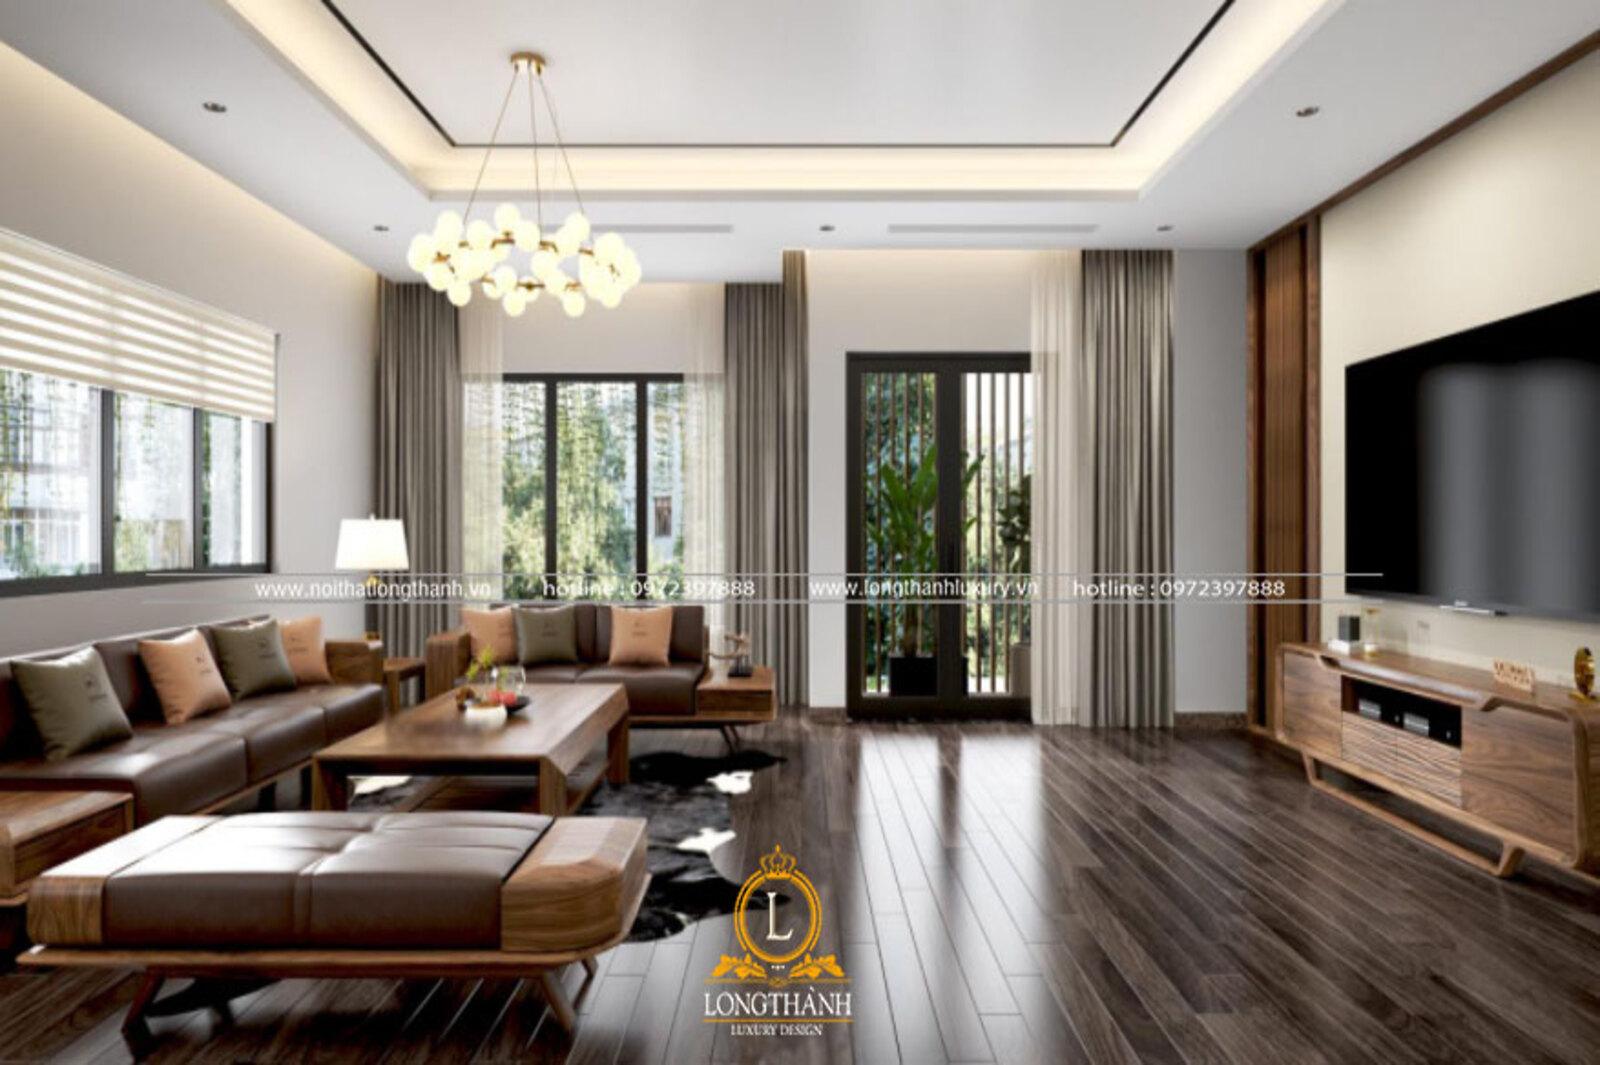 Những mẫu thiết kế nội thất phòng khách hiện đại cho năm 2021